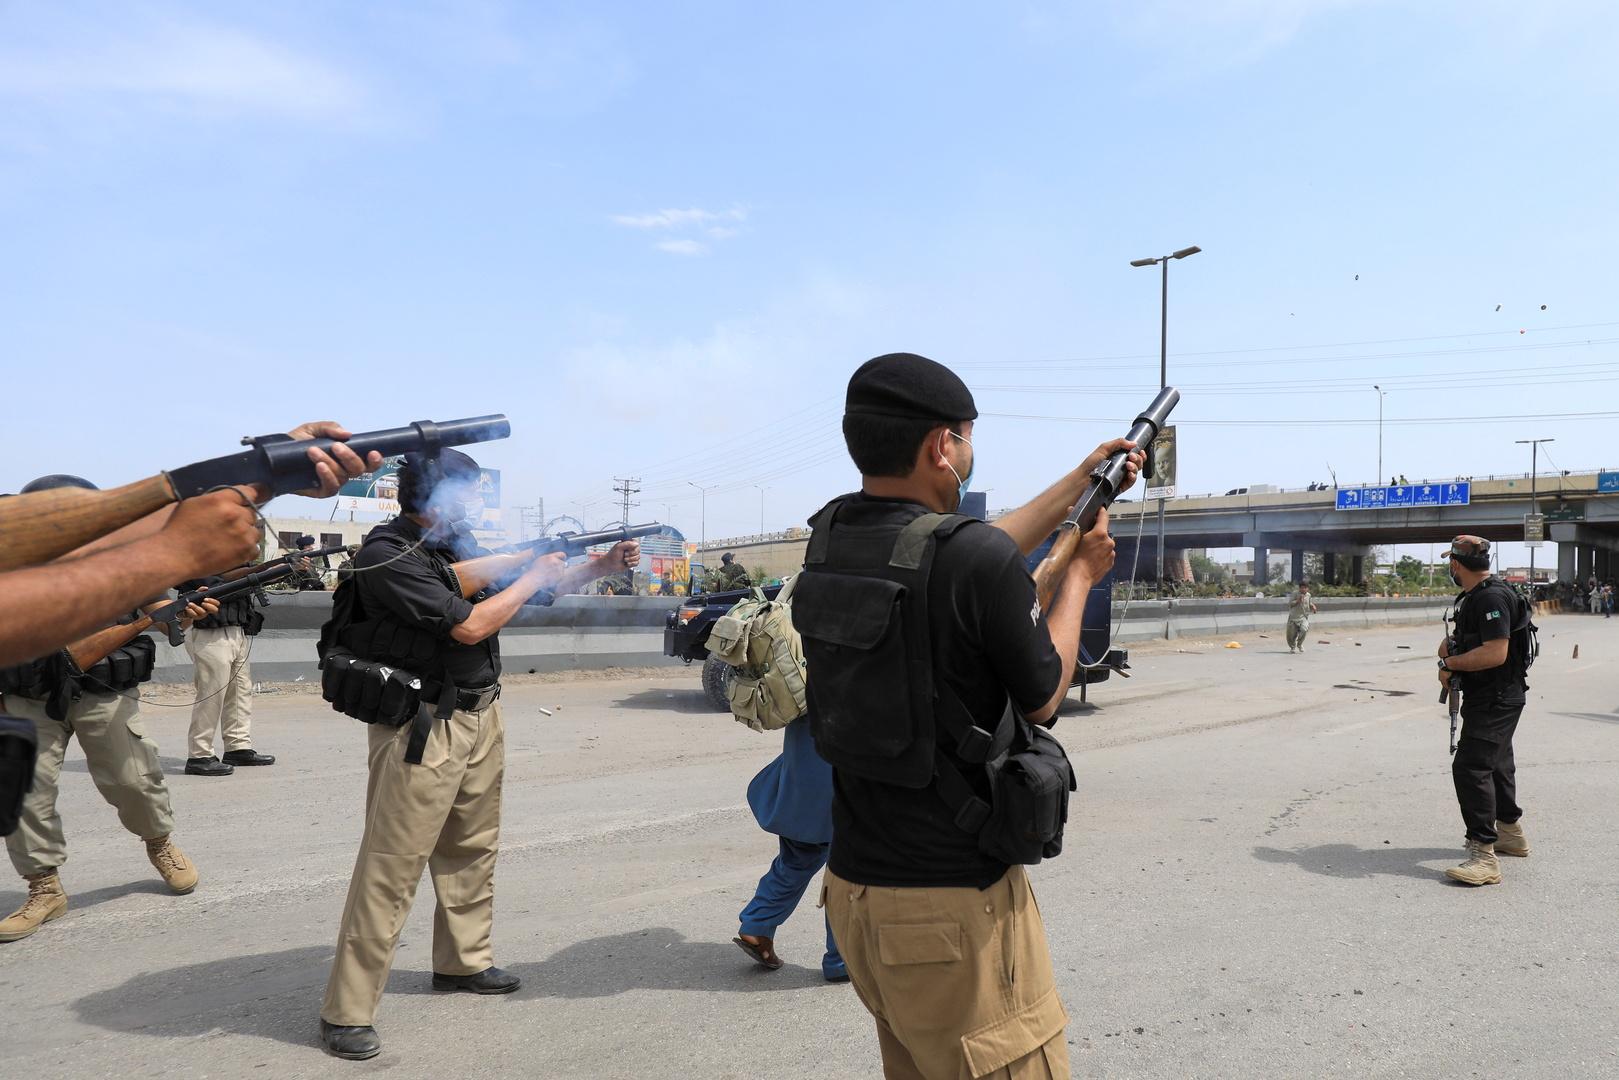 الشرطة الباكستانية: مقتل شخصين وإصابة 14 في انفجار بشرق البلاد